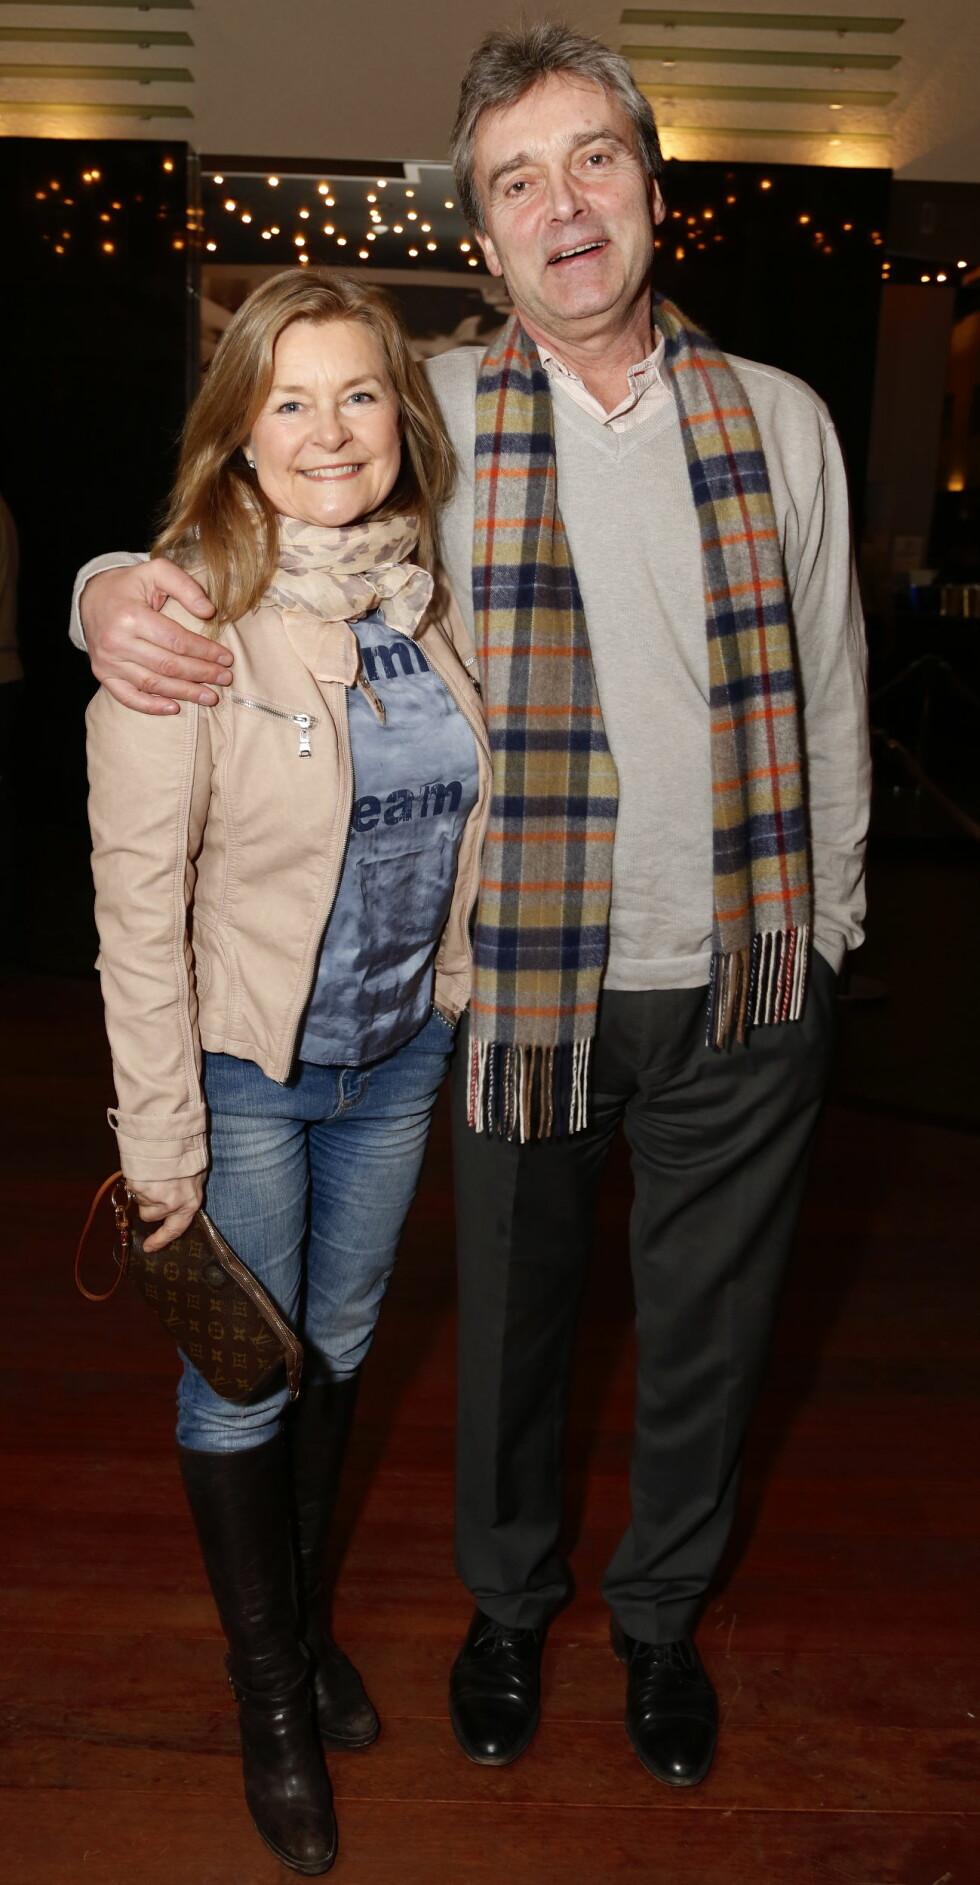 TAKKER FOR STØTTEN: Elisabeth Andreassen mistet ektemannen Tor svært brått mandag denne uken. Neste uke bisettes han fra Ullern kirke i Oslo.  Foto: Se og Hør